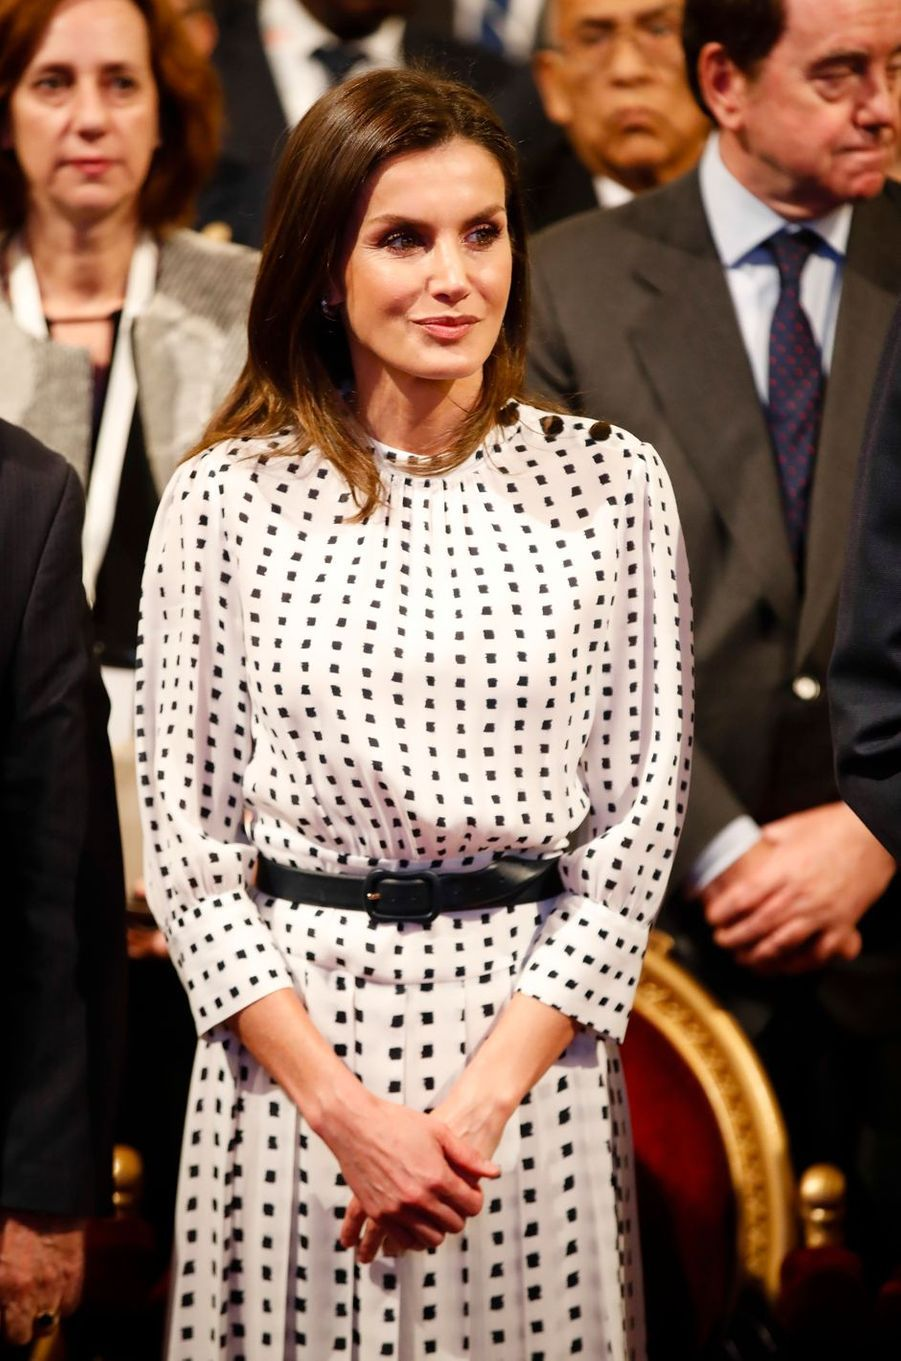 La reine Letizia d'Espagne à Cordoba en Argentine, le 27 mars 2019